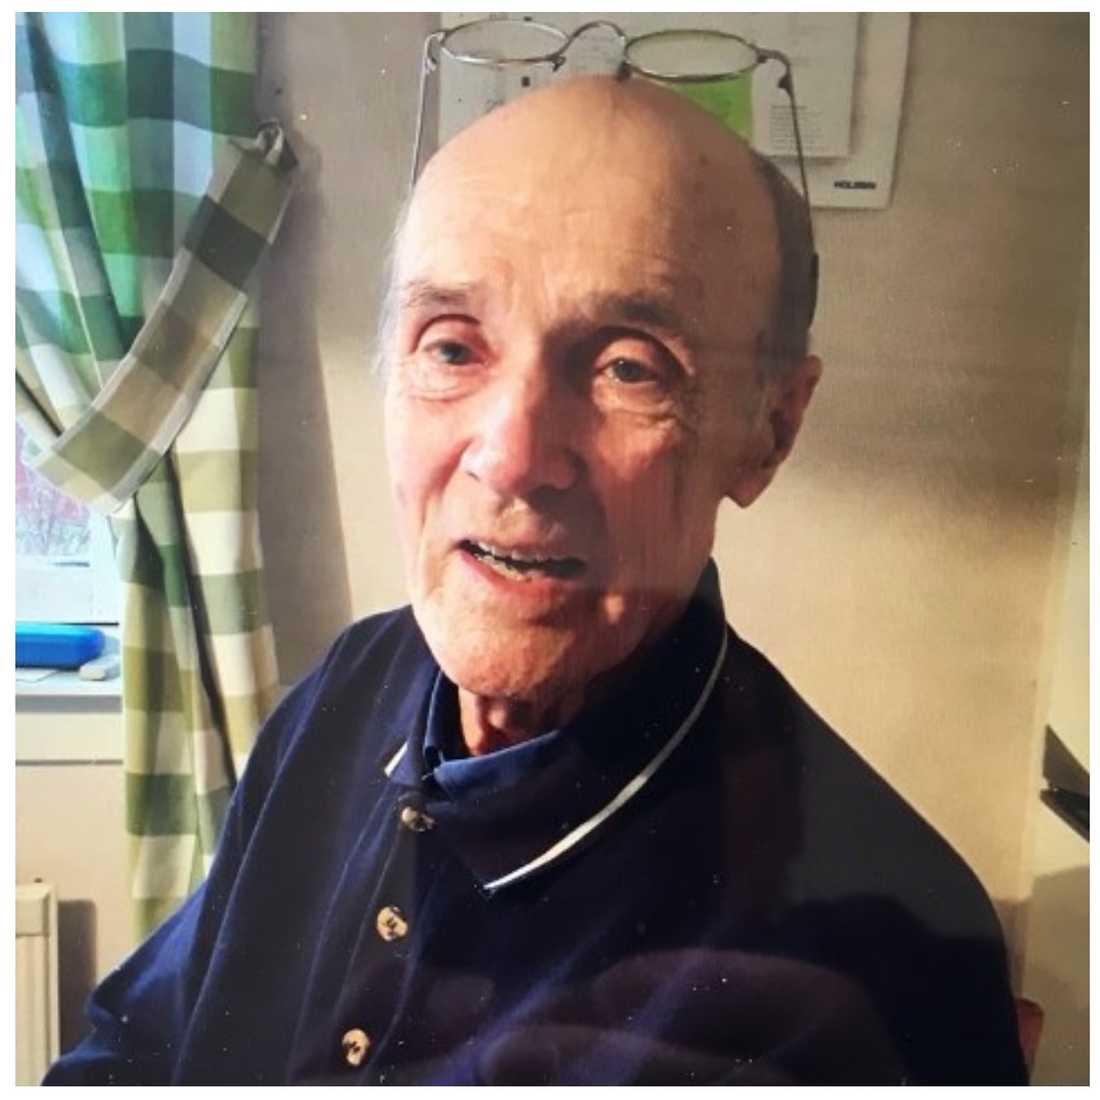 Olle, 80, som försvann den 3 augusti i samband med hans dagliga cykeltur vid Rentjärn i Västerbotten.